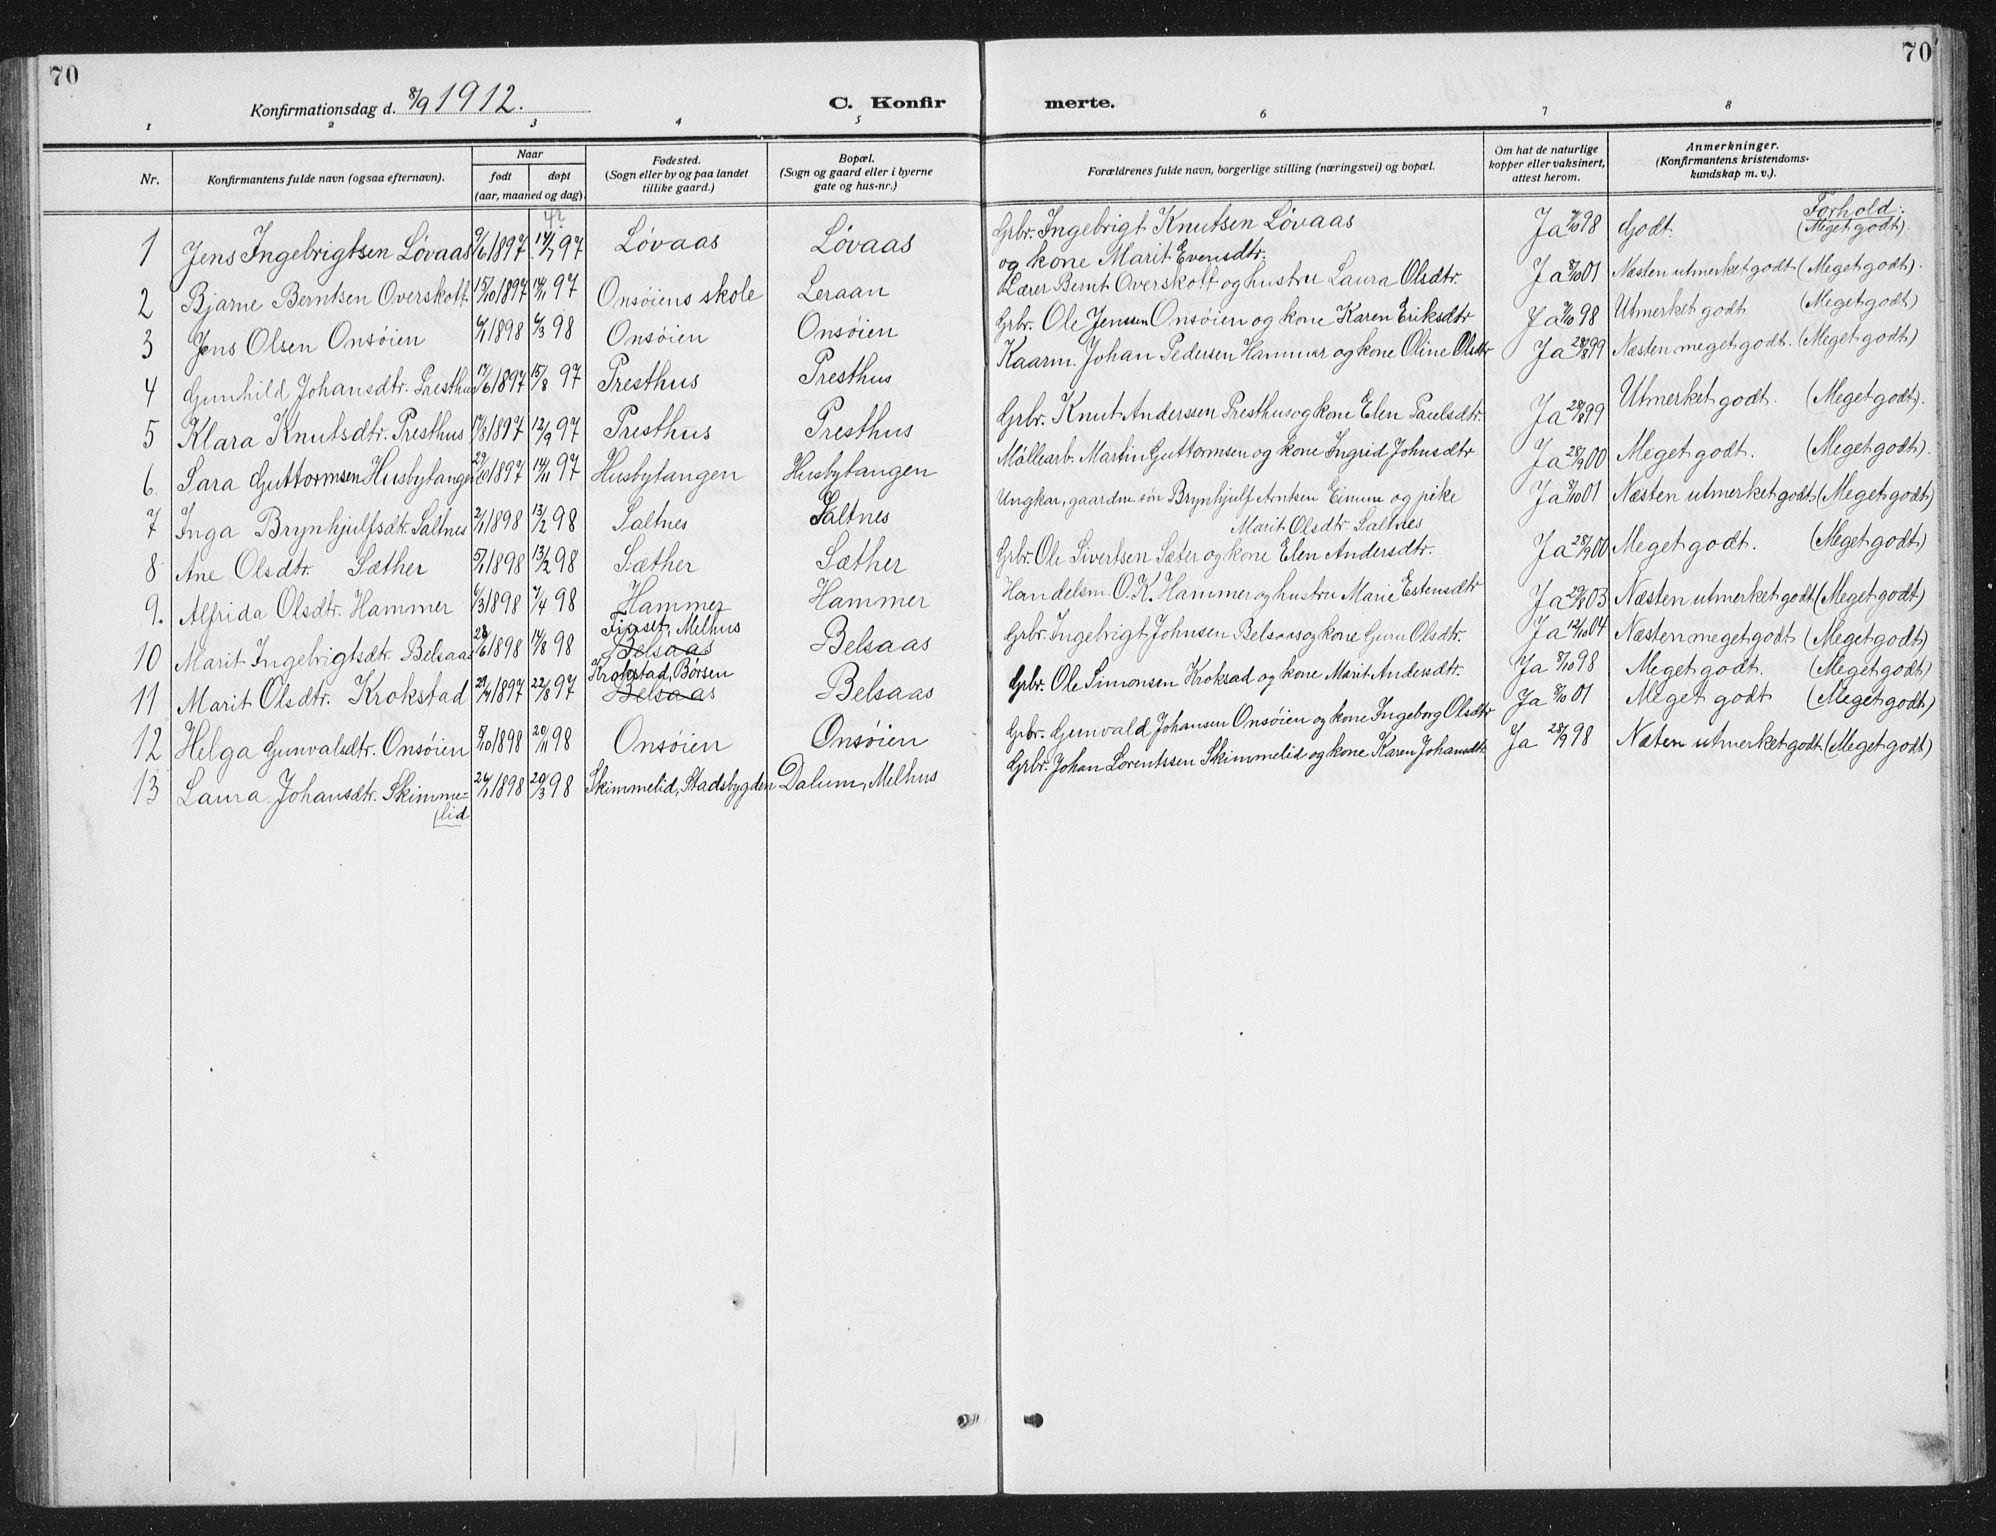 SAT, Ministerialprotokoller, klokkerbøker og fødselsregistre - Sør-Trøndelag, 666/L0791: Klokkerbok nr. 666C04, 1909-1939, s. 70